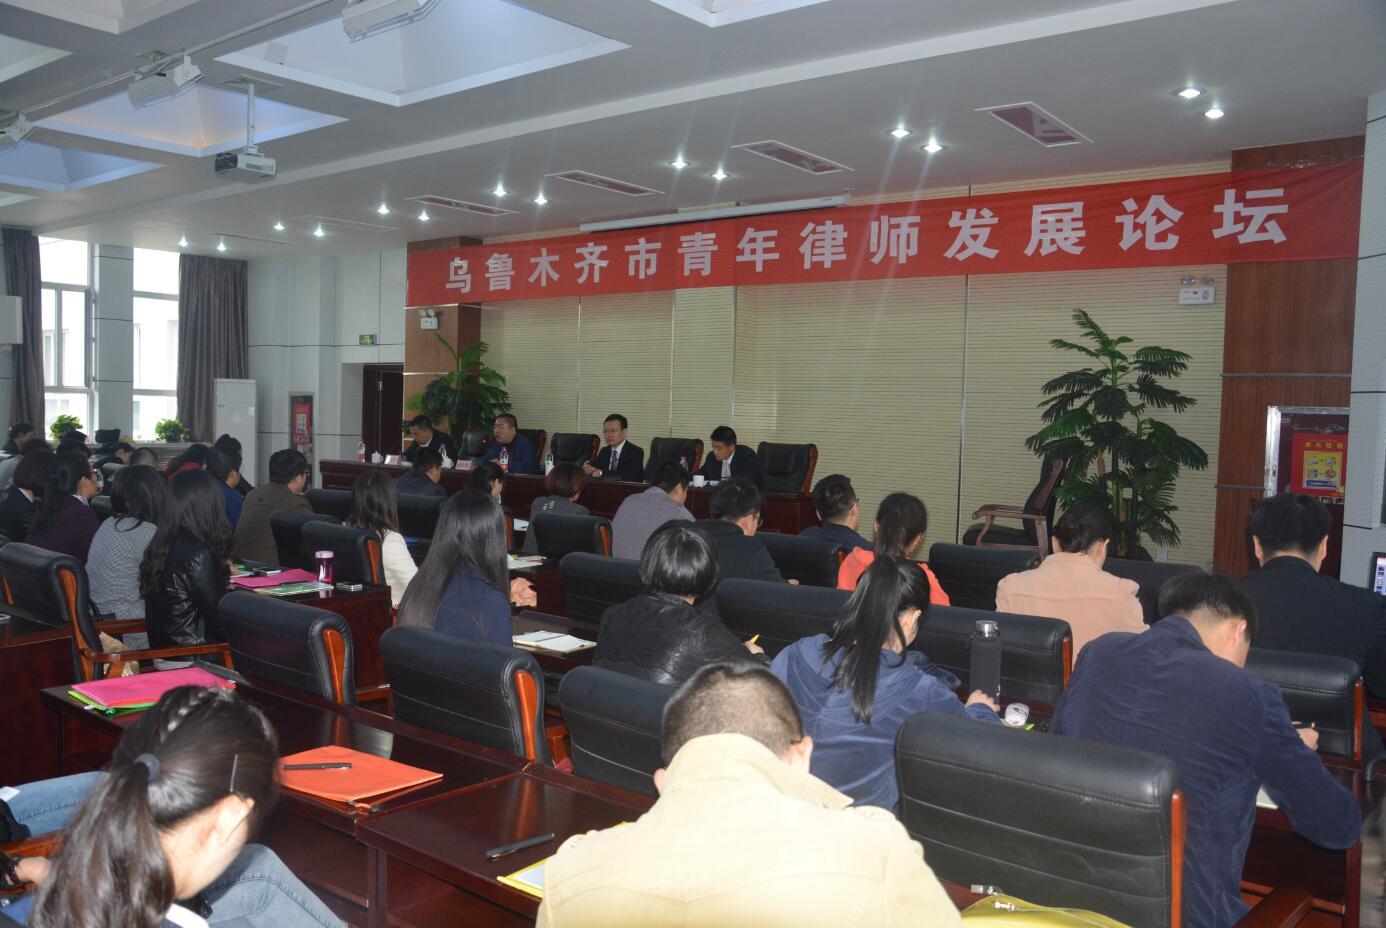 此次论坛由乌鲁木齐市律协党办主任刘晓革主持,乌鲁木齐市律师协会秘书长赵东海在致辞中说青年律师的健康,发展关乎着整个乌鲁木齐律师行业的发展方向,青年律师的崛起也代表着未来律师界的中坚力量。赵东海秘书长勉励各位青年律师在日常的工作中要掌握专业的法律知识外,还需要掌握更多的办案经验和技巧,通资历丰富的老律师传、帮、带可以让青年律师少走很多弯路。此次首届青年律师发展论坛的举办,目的就是为青年律师搭建了一个面对面的交流机会。  乌鲁木齐市律师协会副会长、盈科乌鲁木齐分所主任金小孟在论坛上发表了《青年律师成长与发展